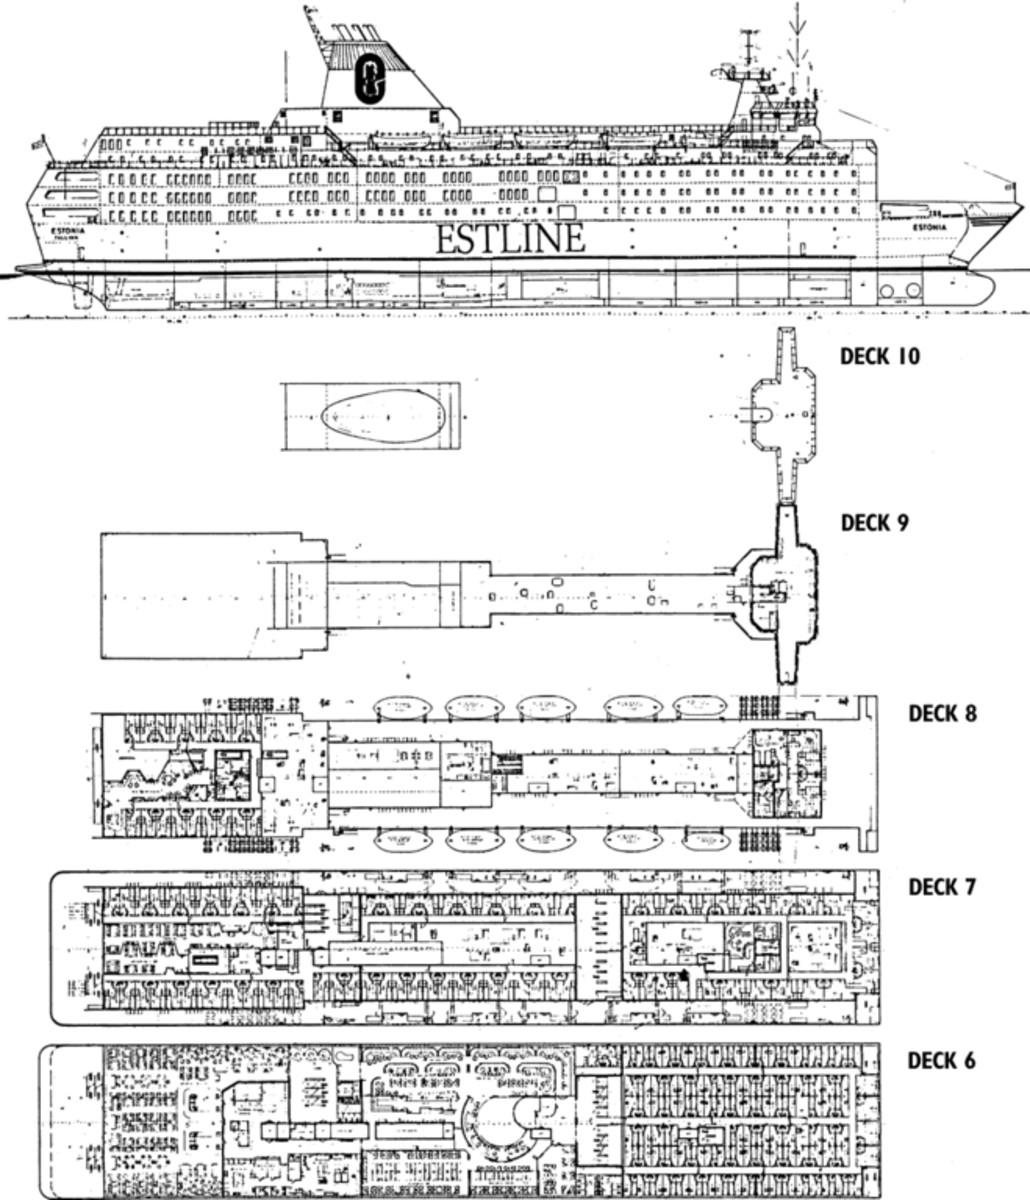 Diagram of the MS Estonia